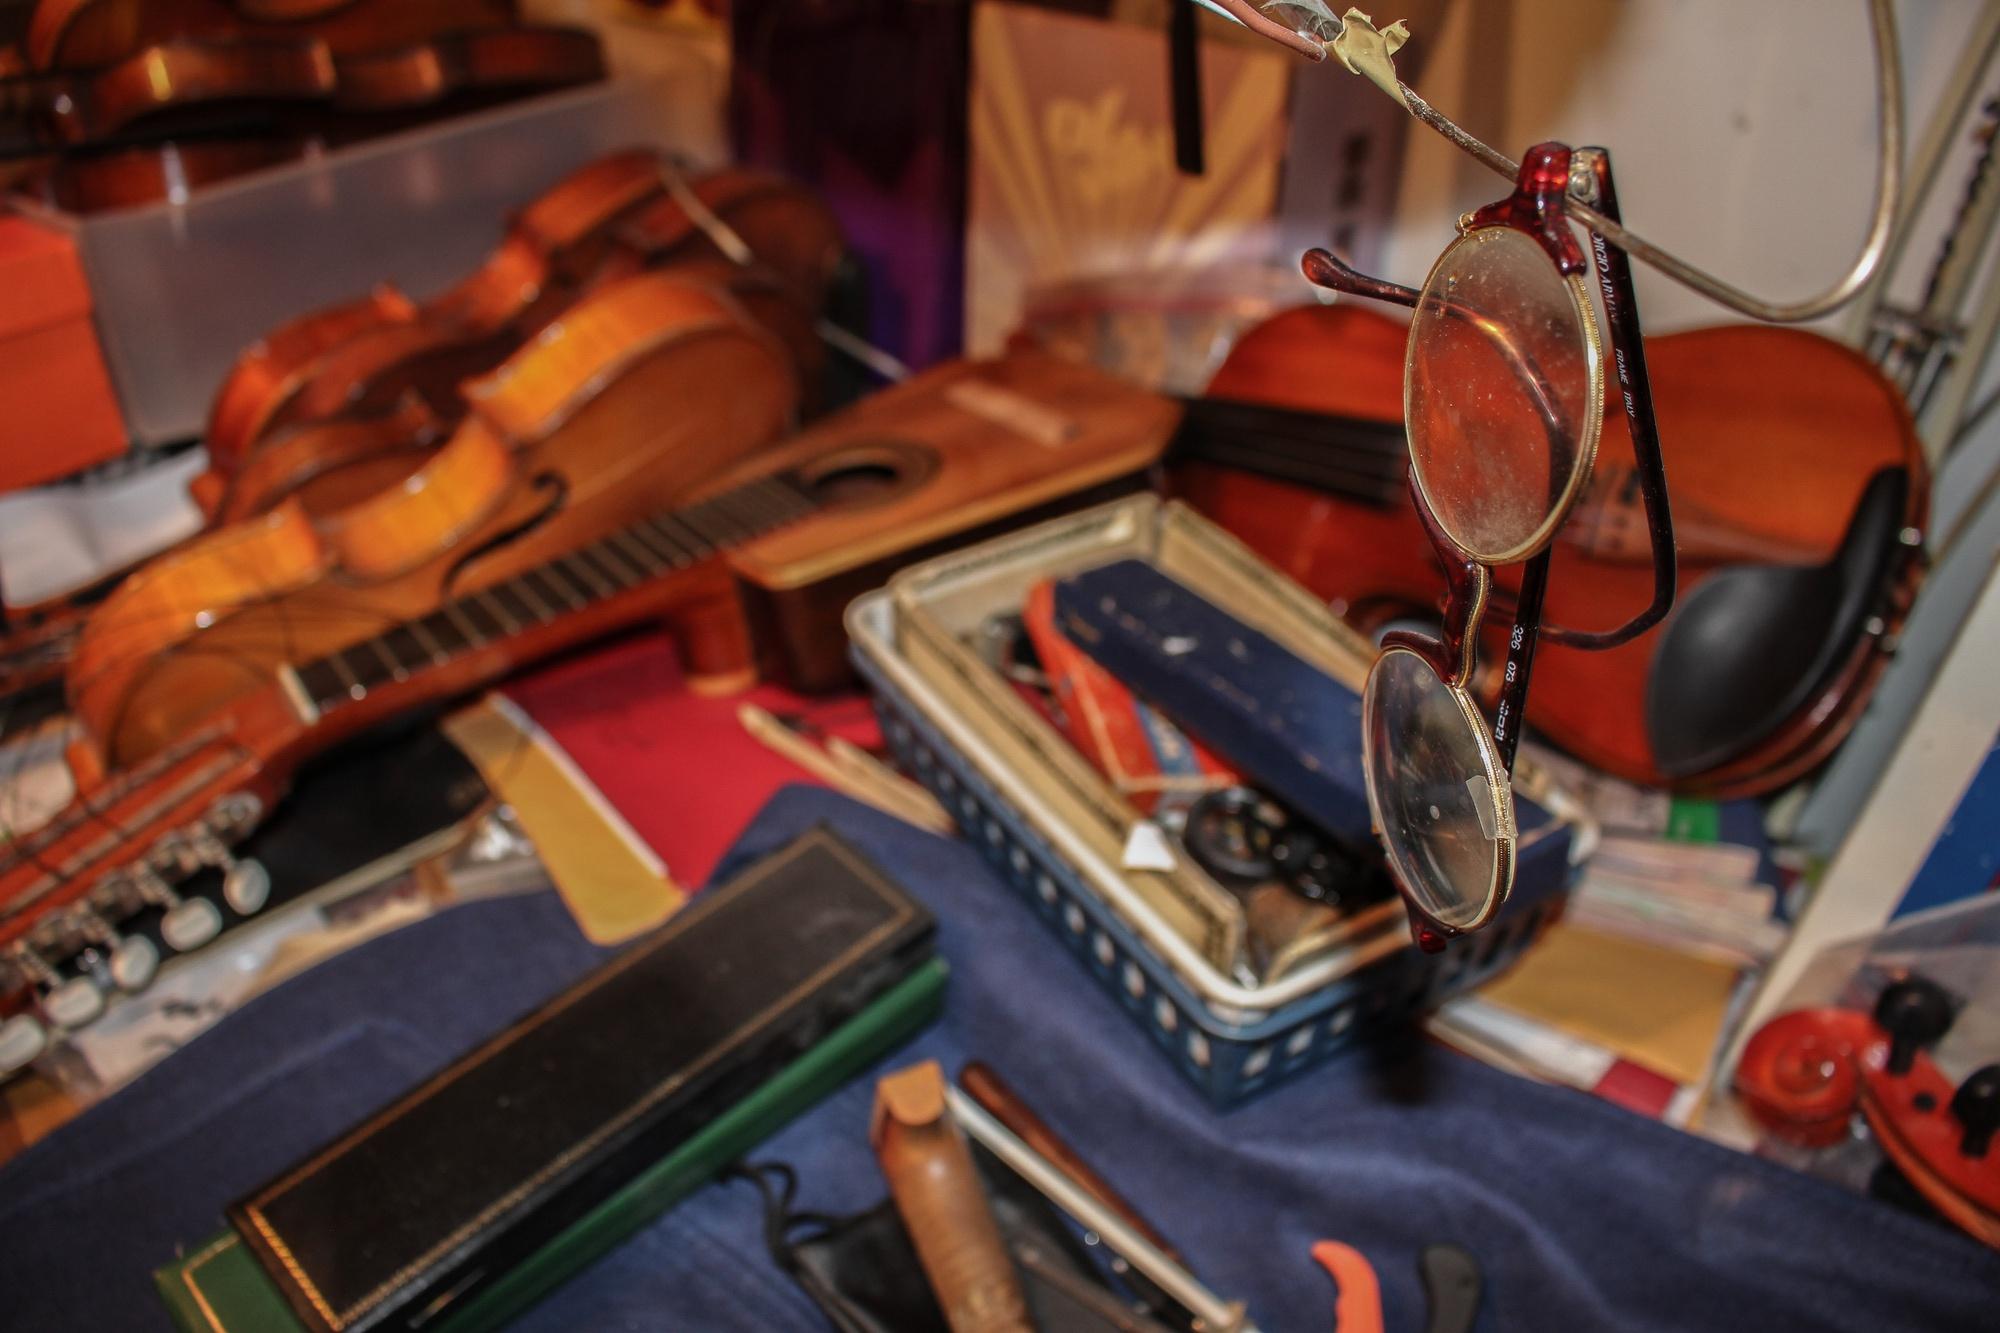 Cambridge Violin, a violin repair shop in Harvard Square, has been run by Germaine M. Carbury-Breau since 1981.